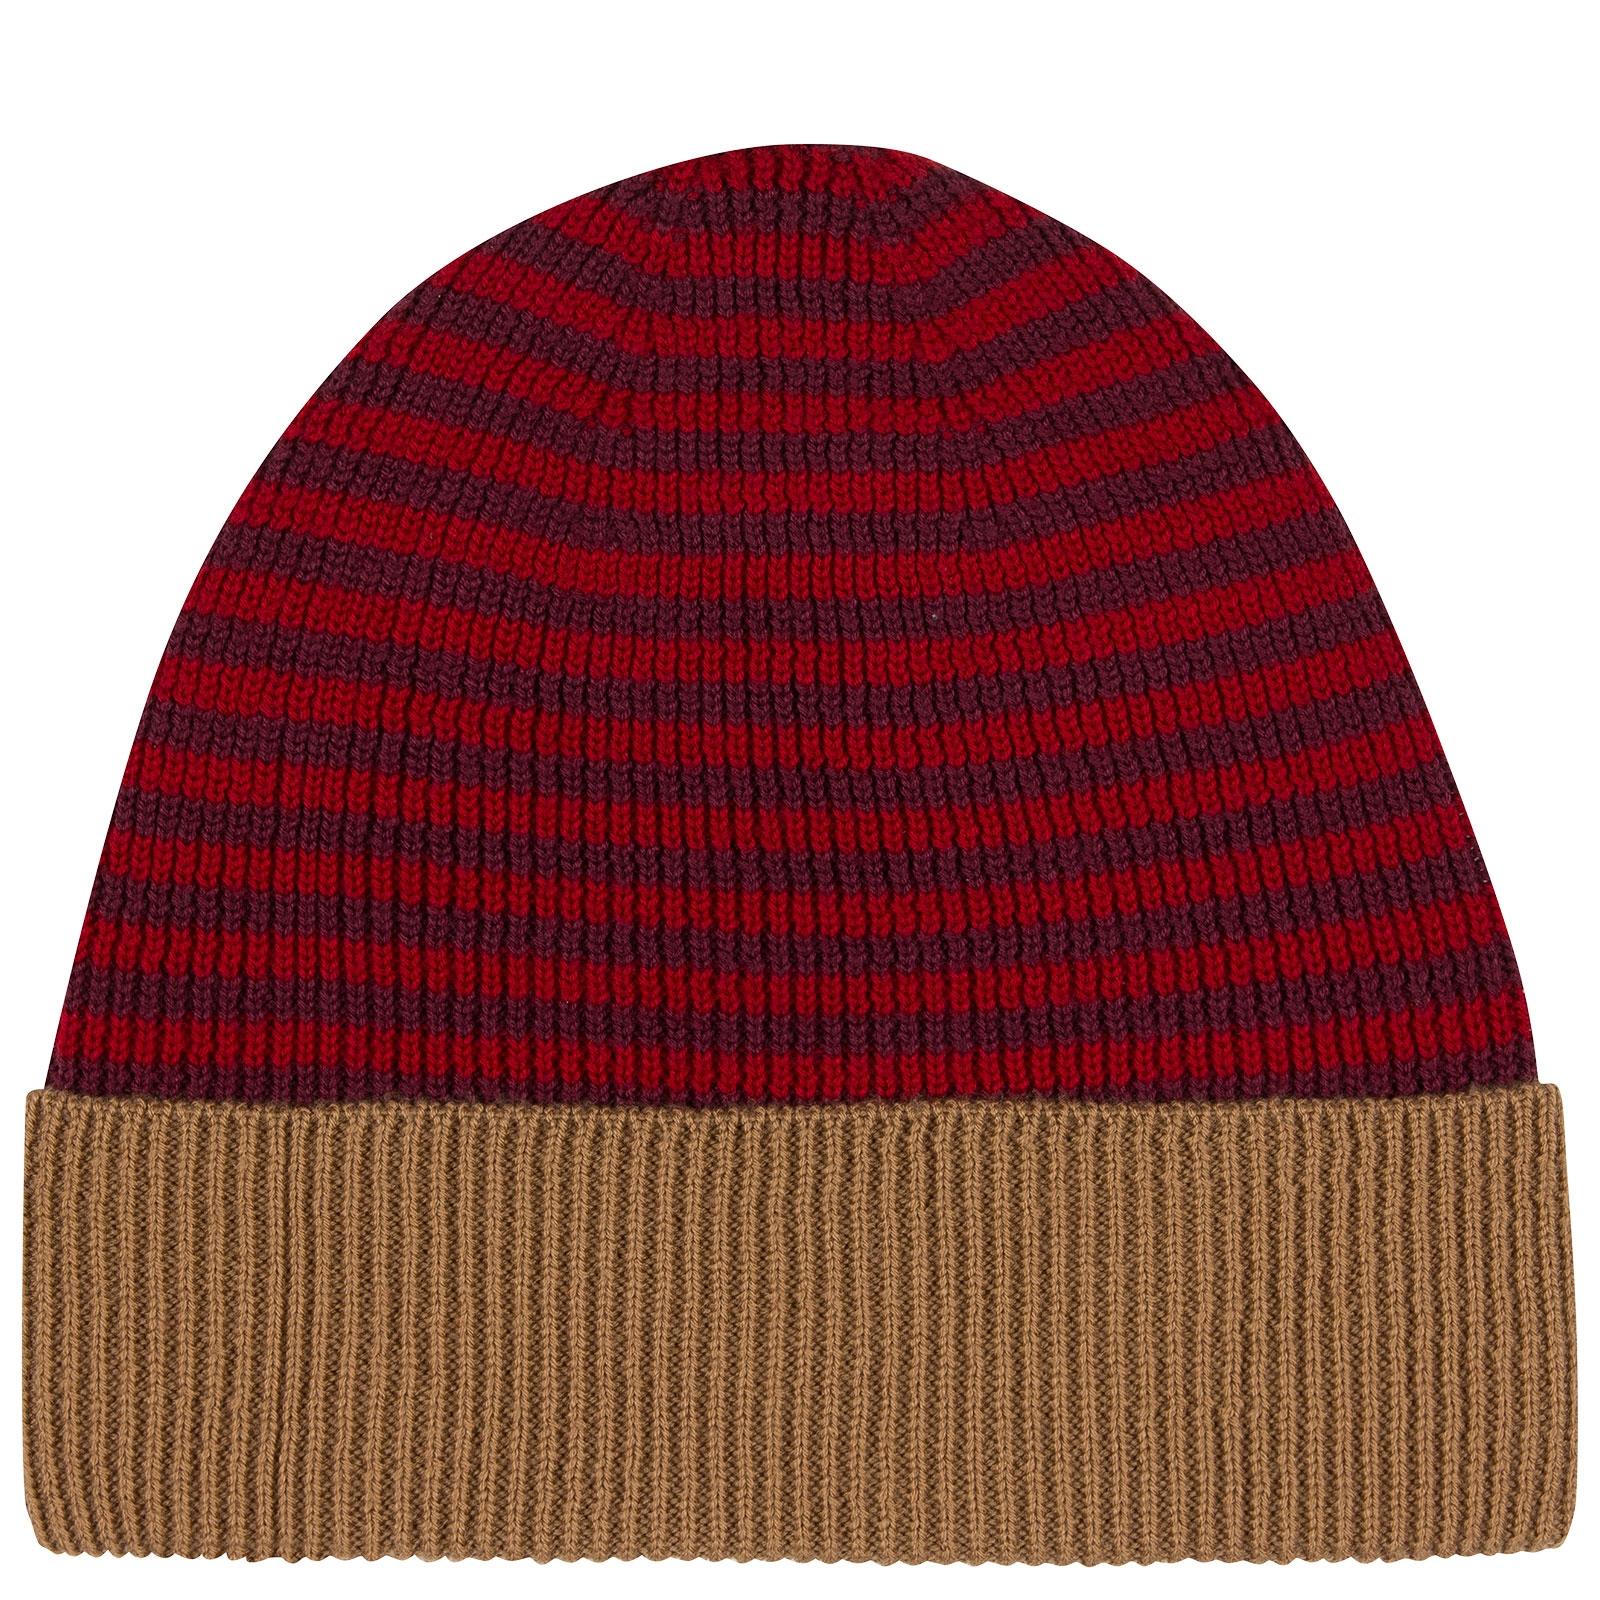 John Smedley Hubble Merino Wool Hat in Bordeaux-ONE